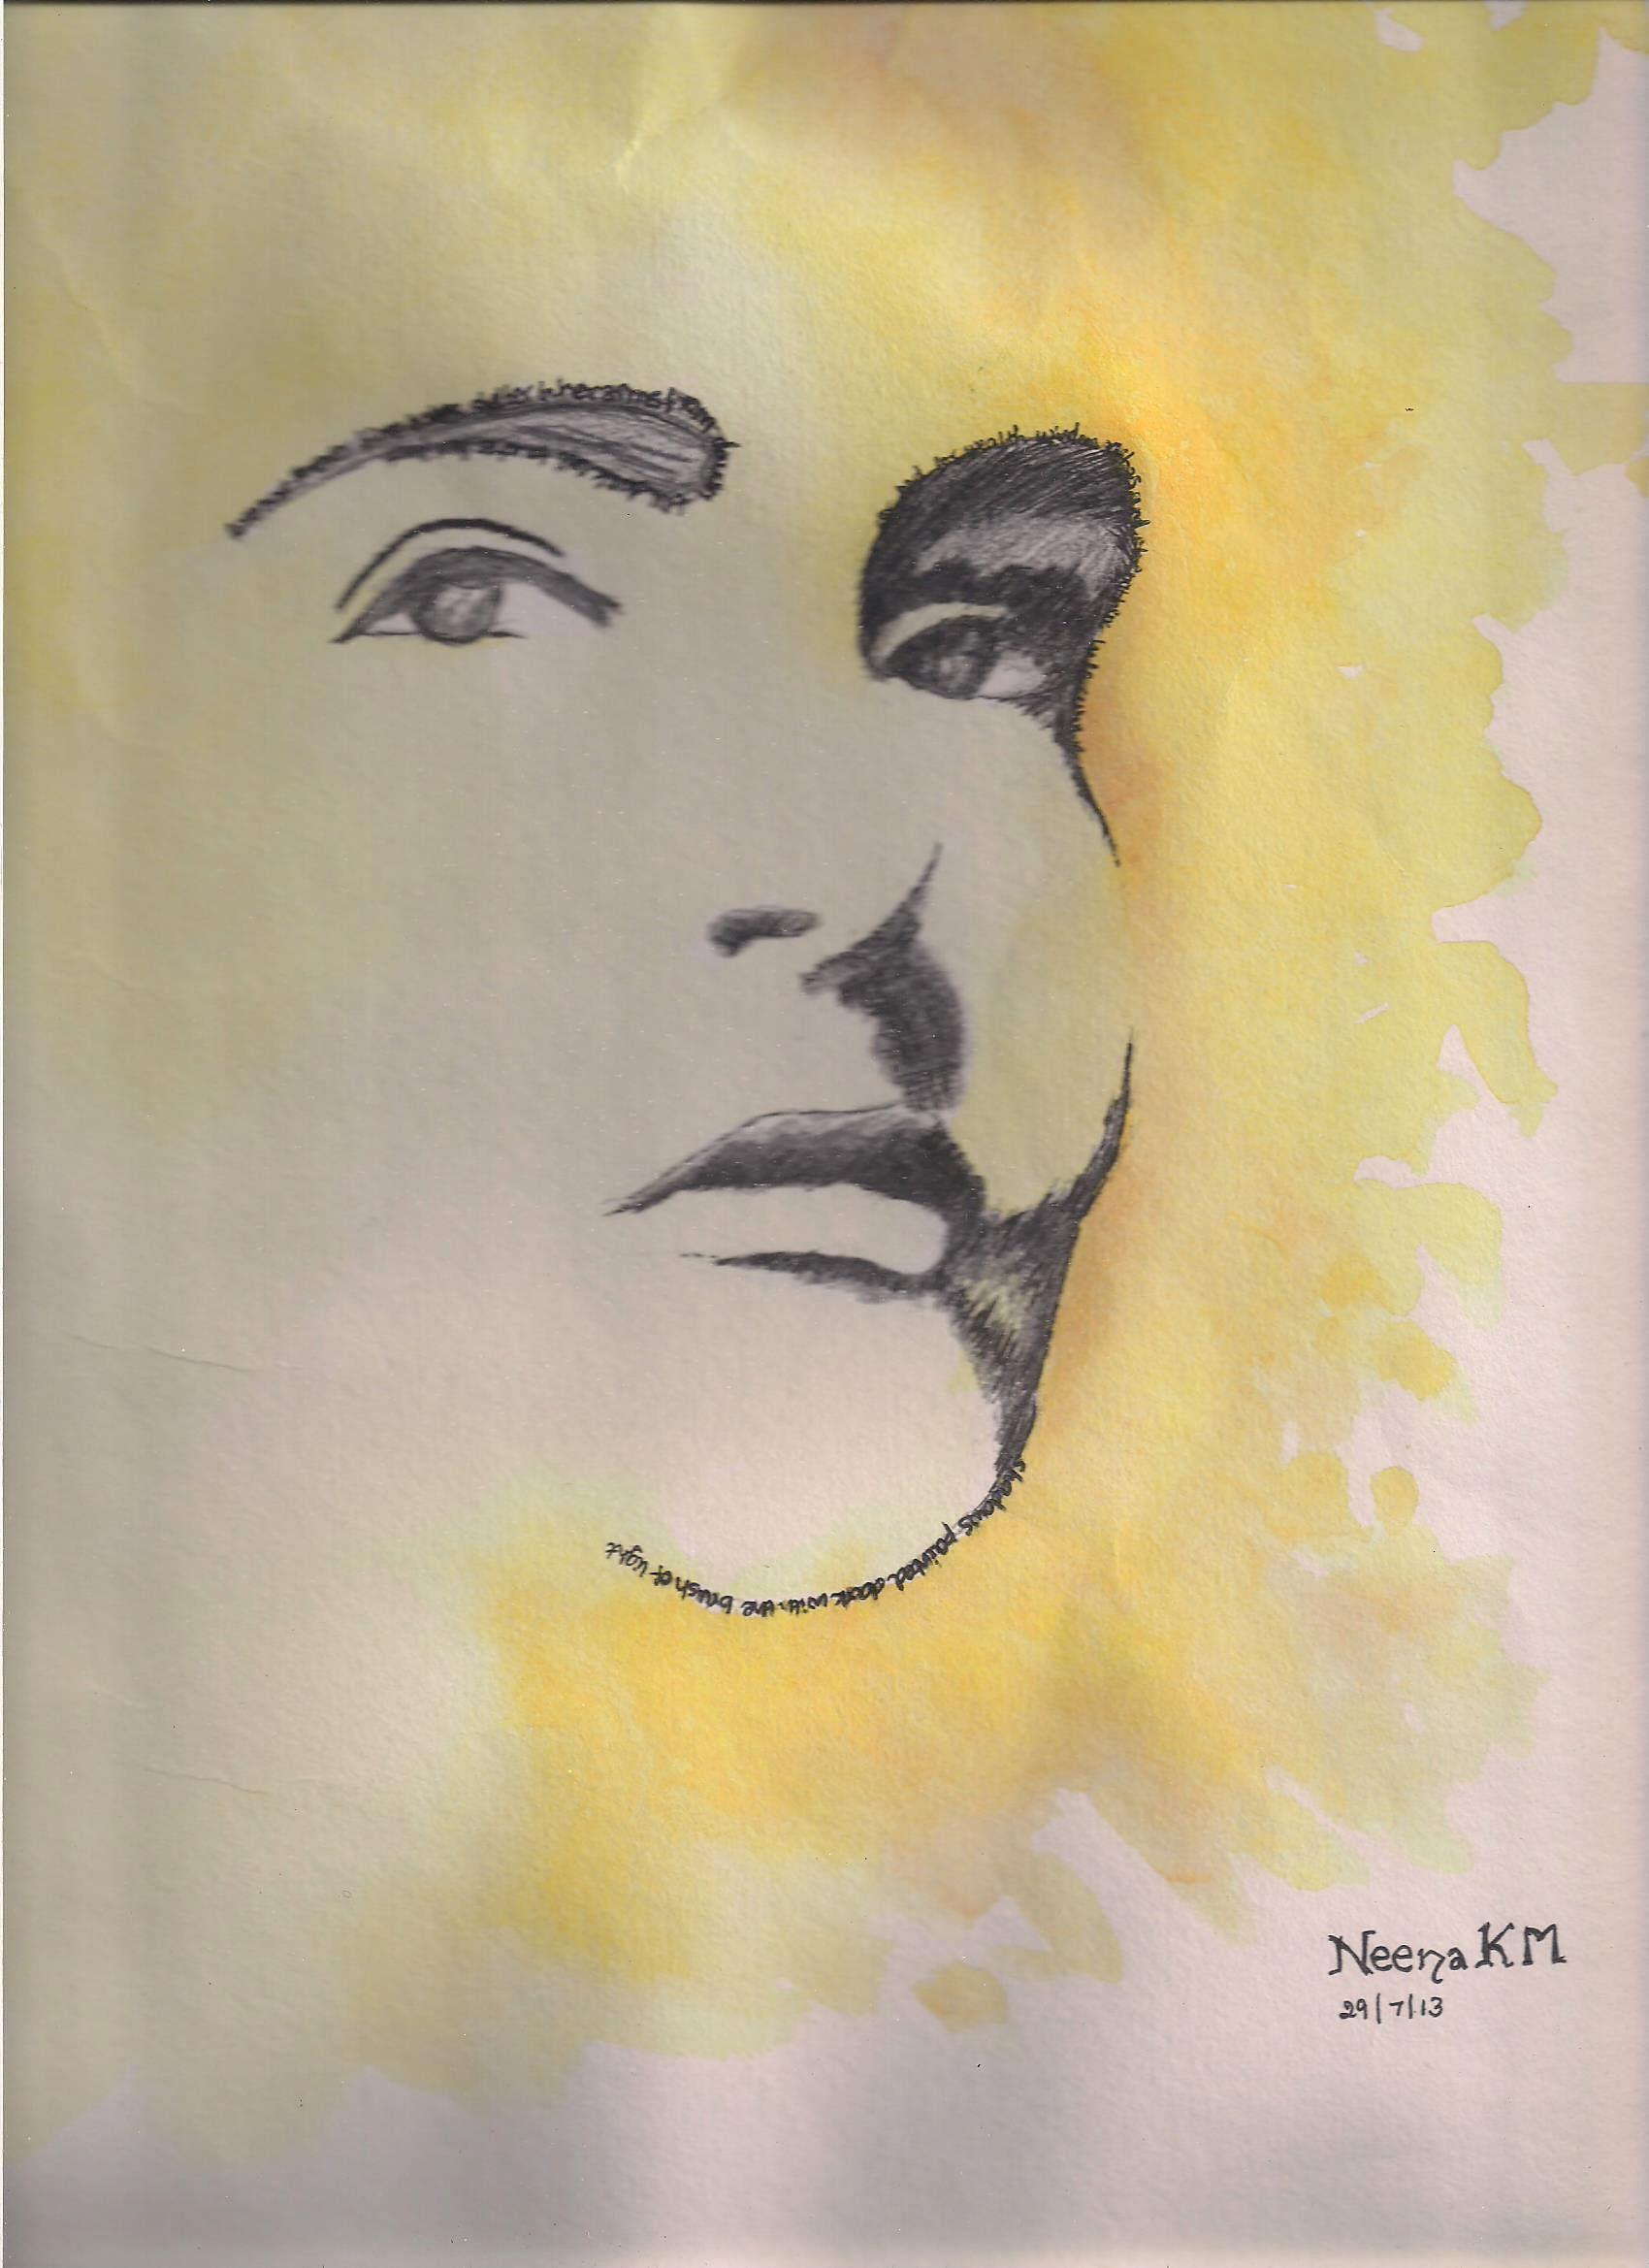 Art by Neena KM